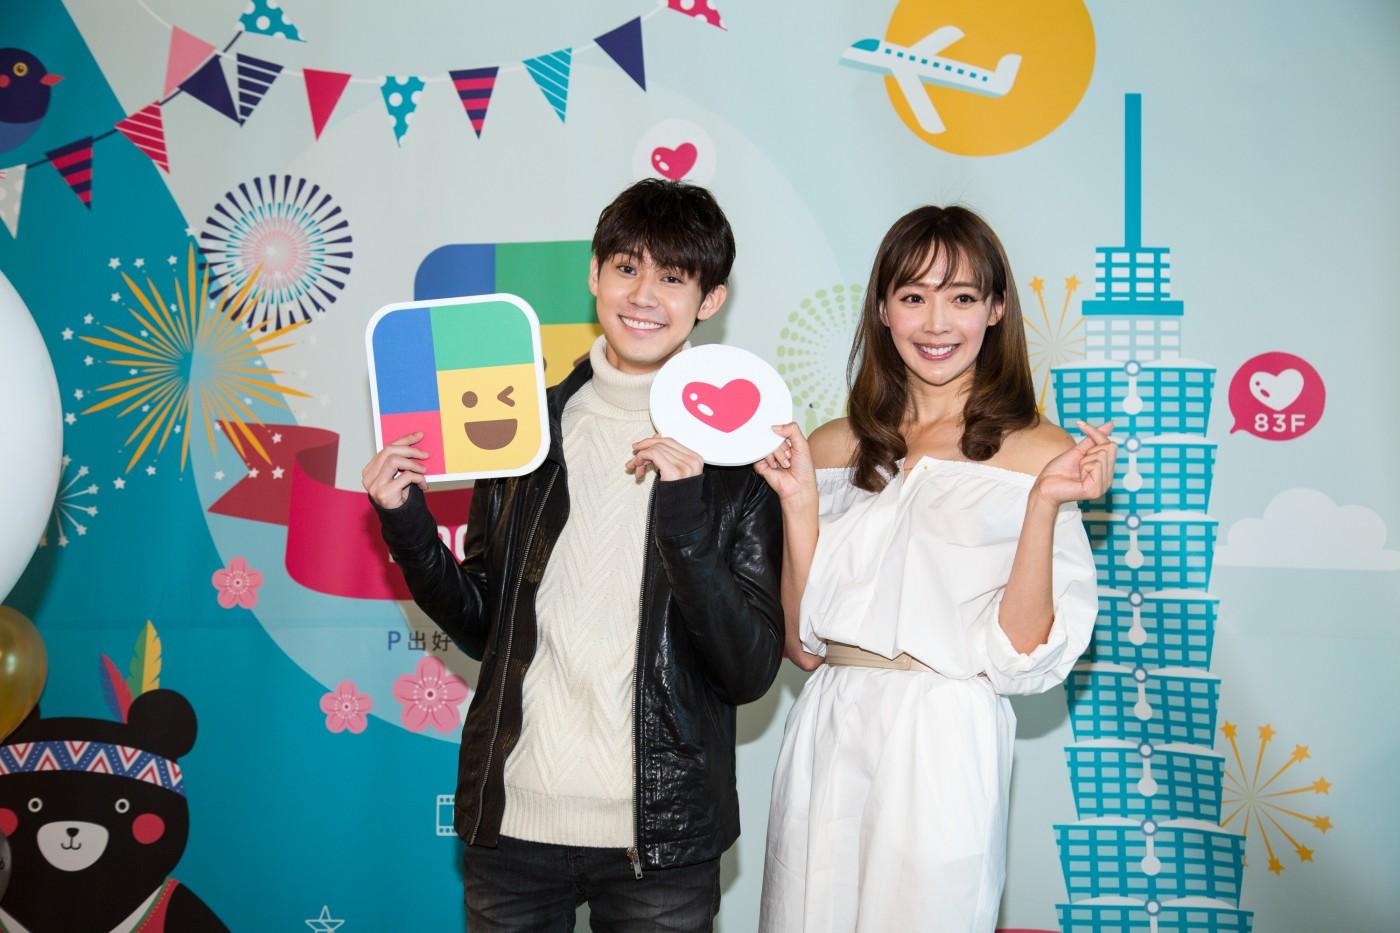 挑戰Instagram!獵豹旗下PhotoGrid要靠台灣研發能量轉型社群平台